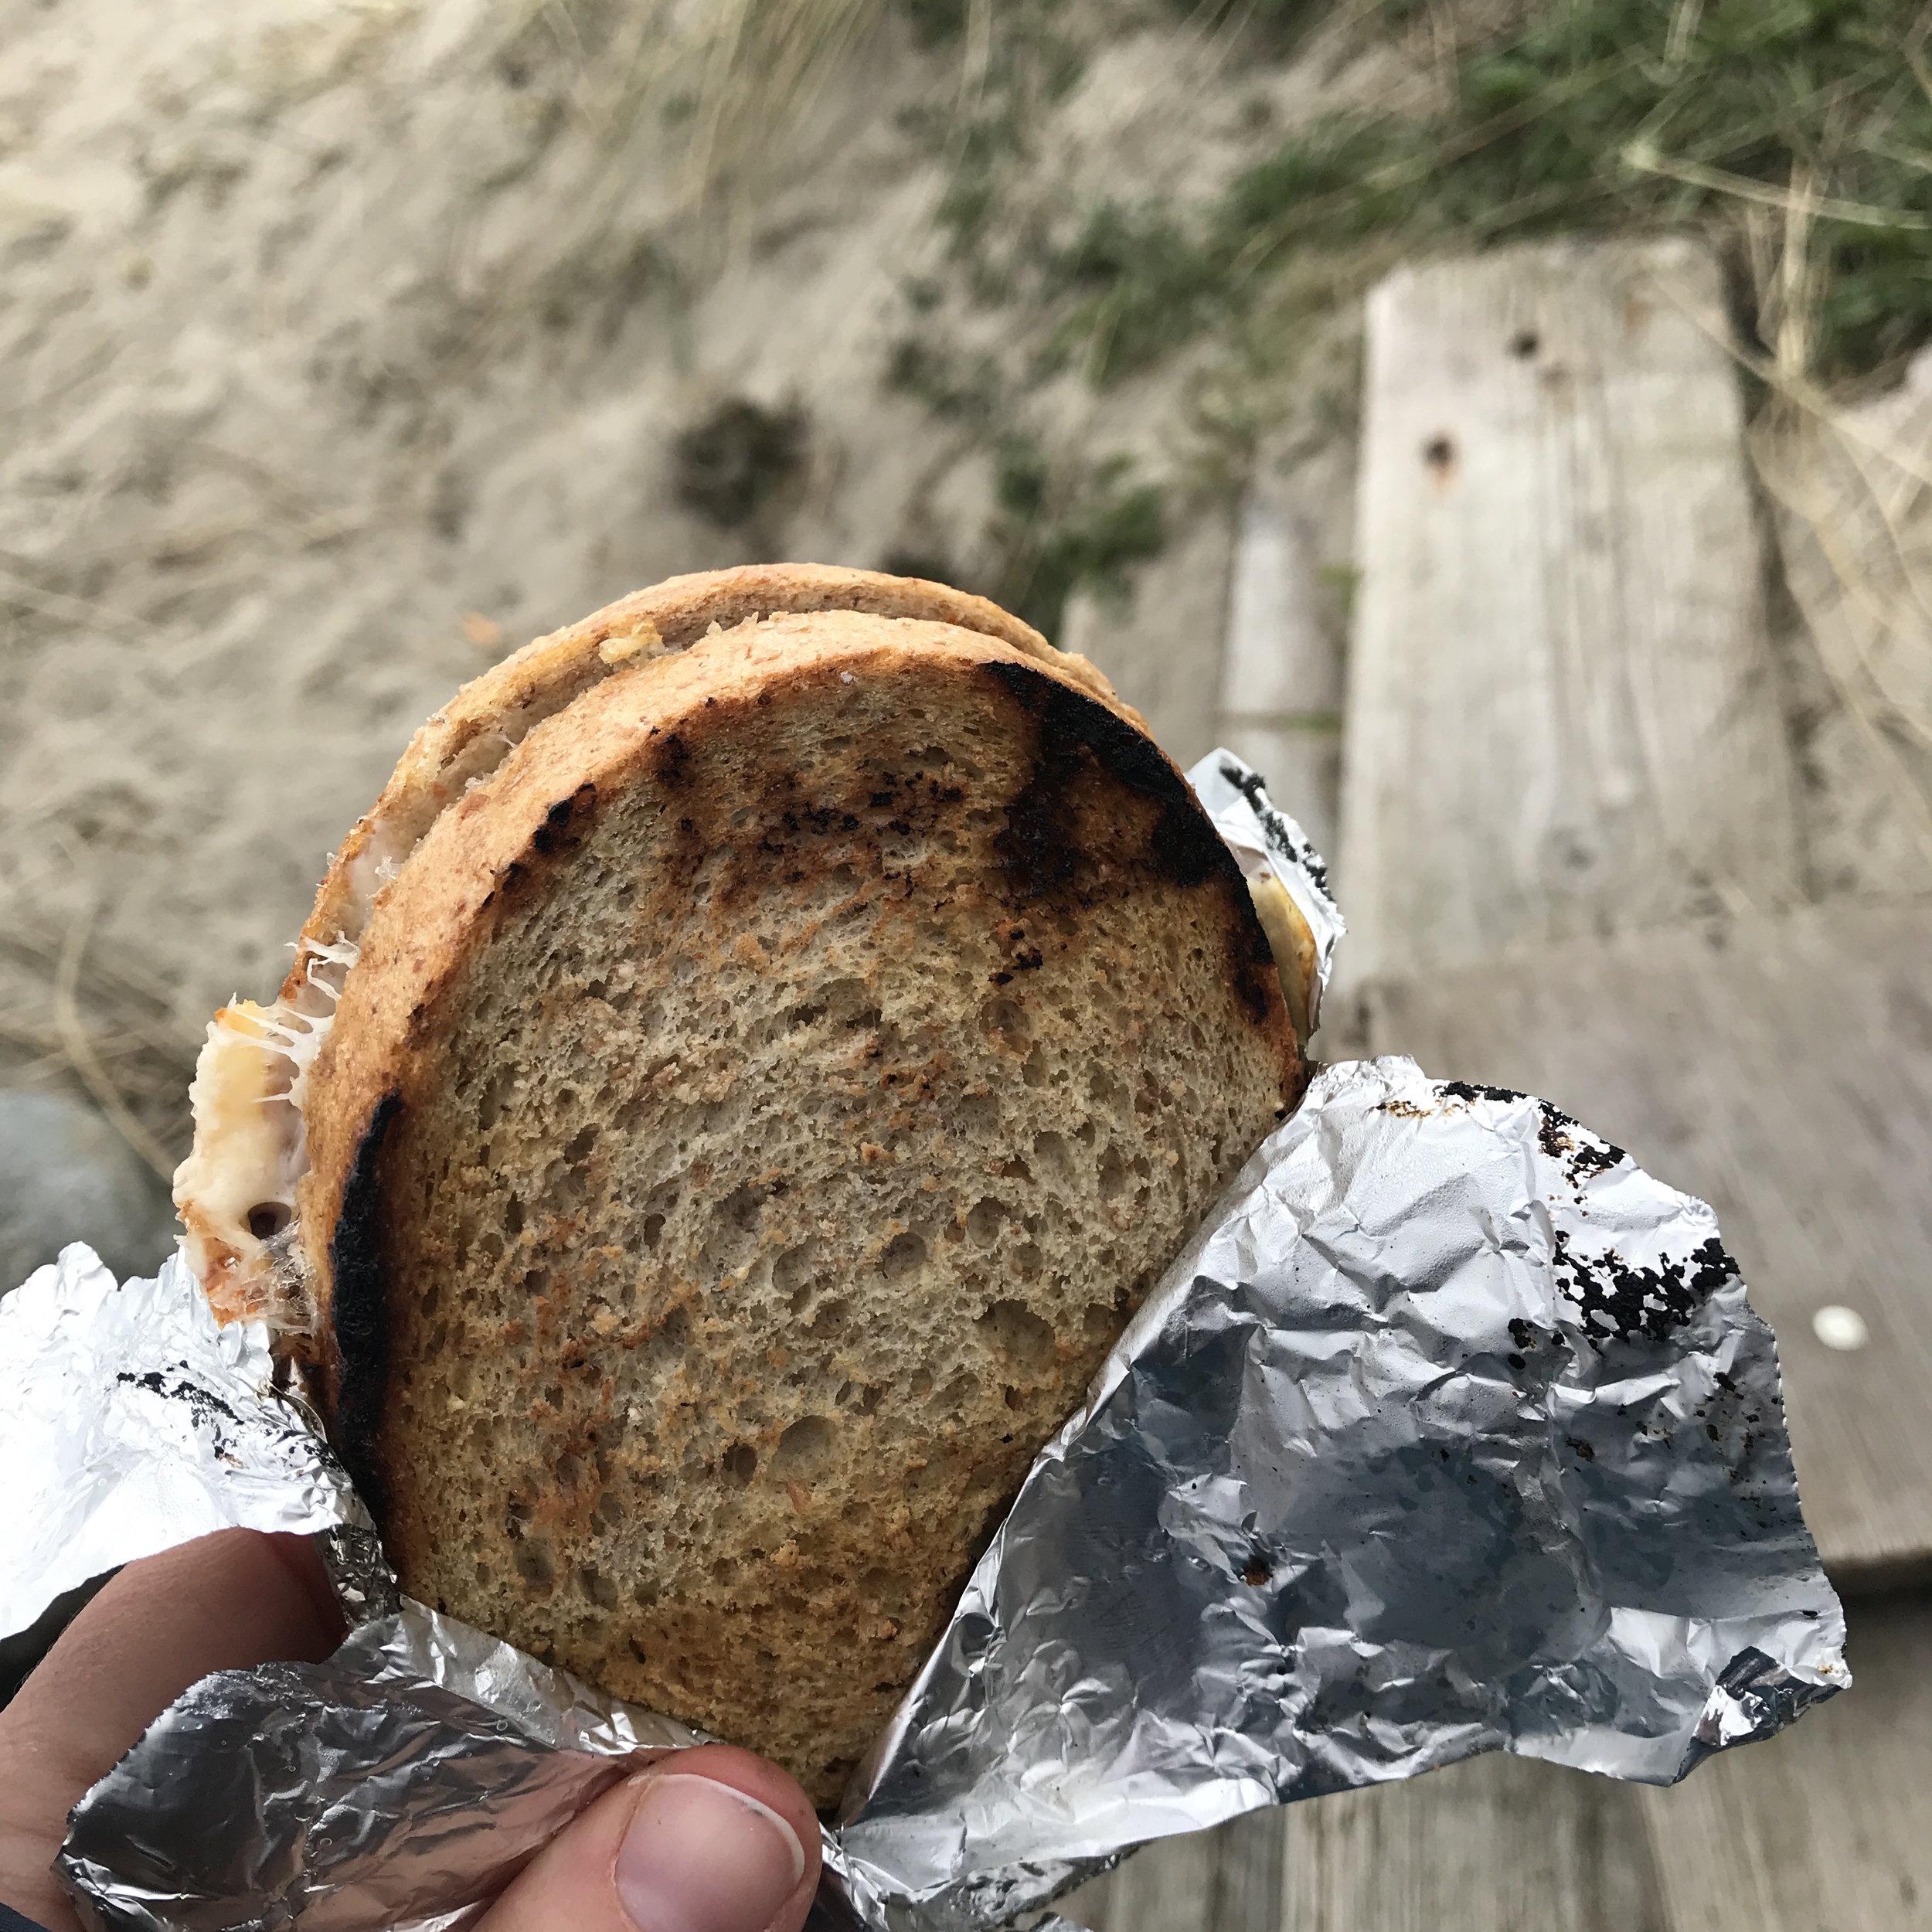 Ragnhild har tatt med ostesmørbrød, med skinke, ost og krydder, så enkelt men sååå godt! Når kulden har satt seg så går disse ned på høykant. Som jeg påstår i filmen (lenger nede i innlegget her) så smaker all mat bedre ute :)